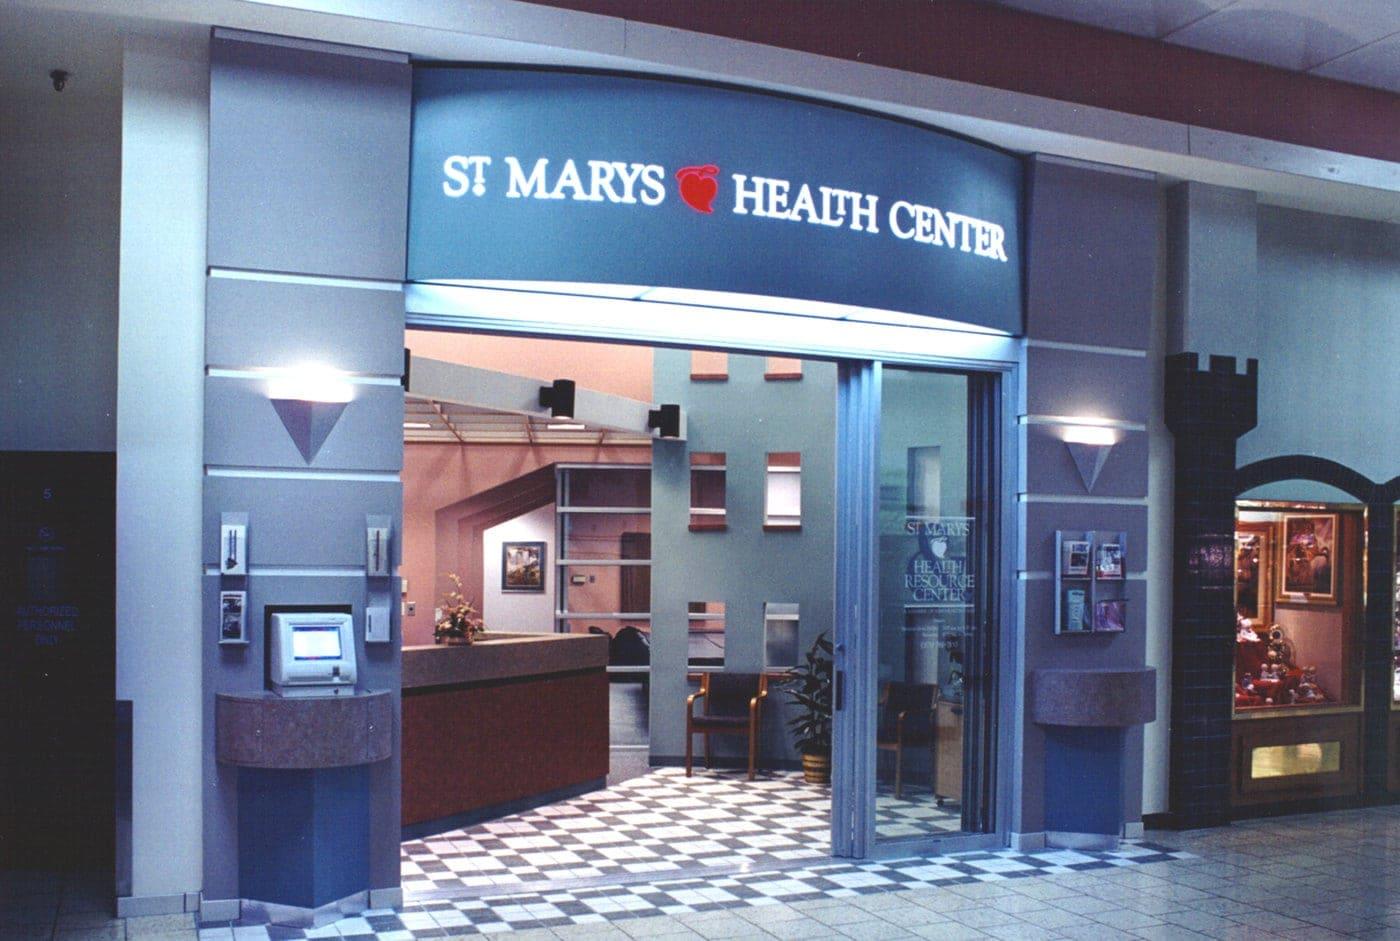 St Mary's CHR Center